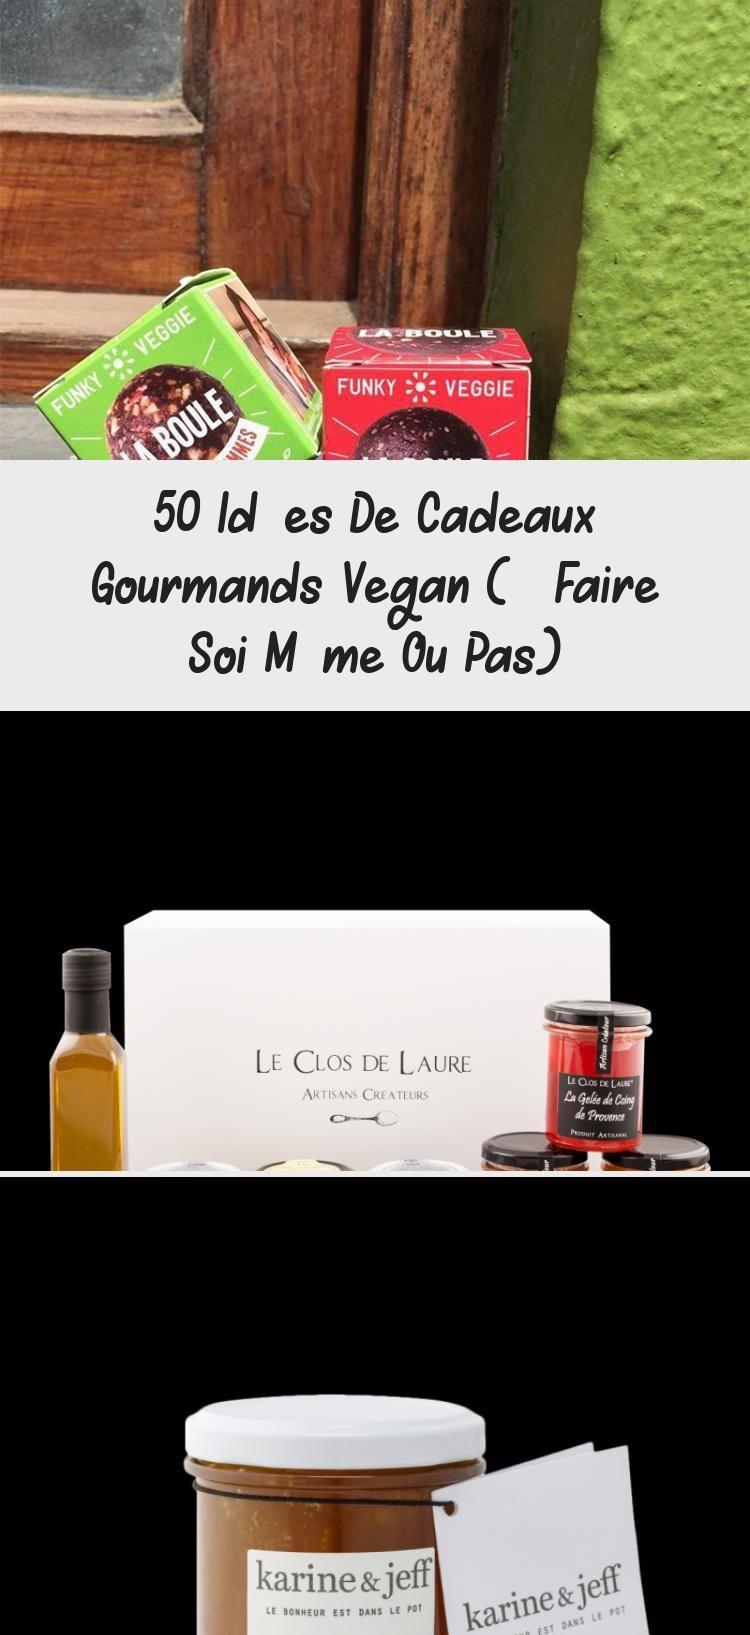 50 Idées De Cadeaux Gourmands Vegan (à Faire Soi Même Ou Pas) #truffesauchocolat